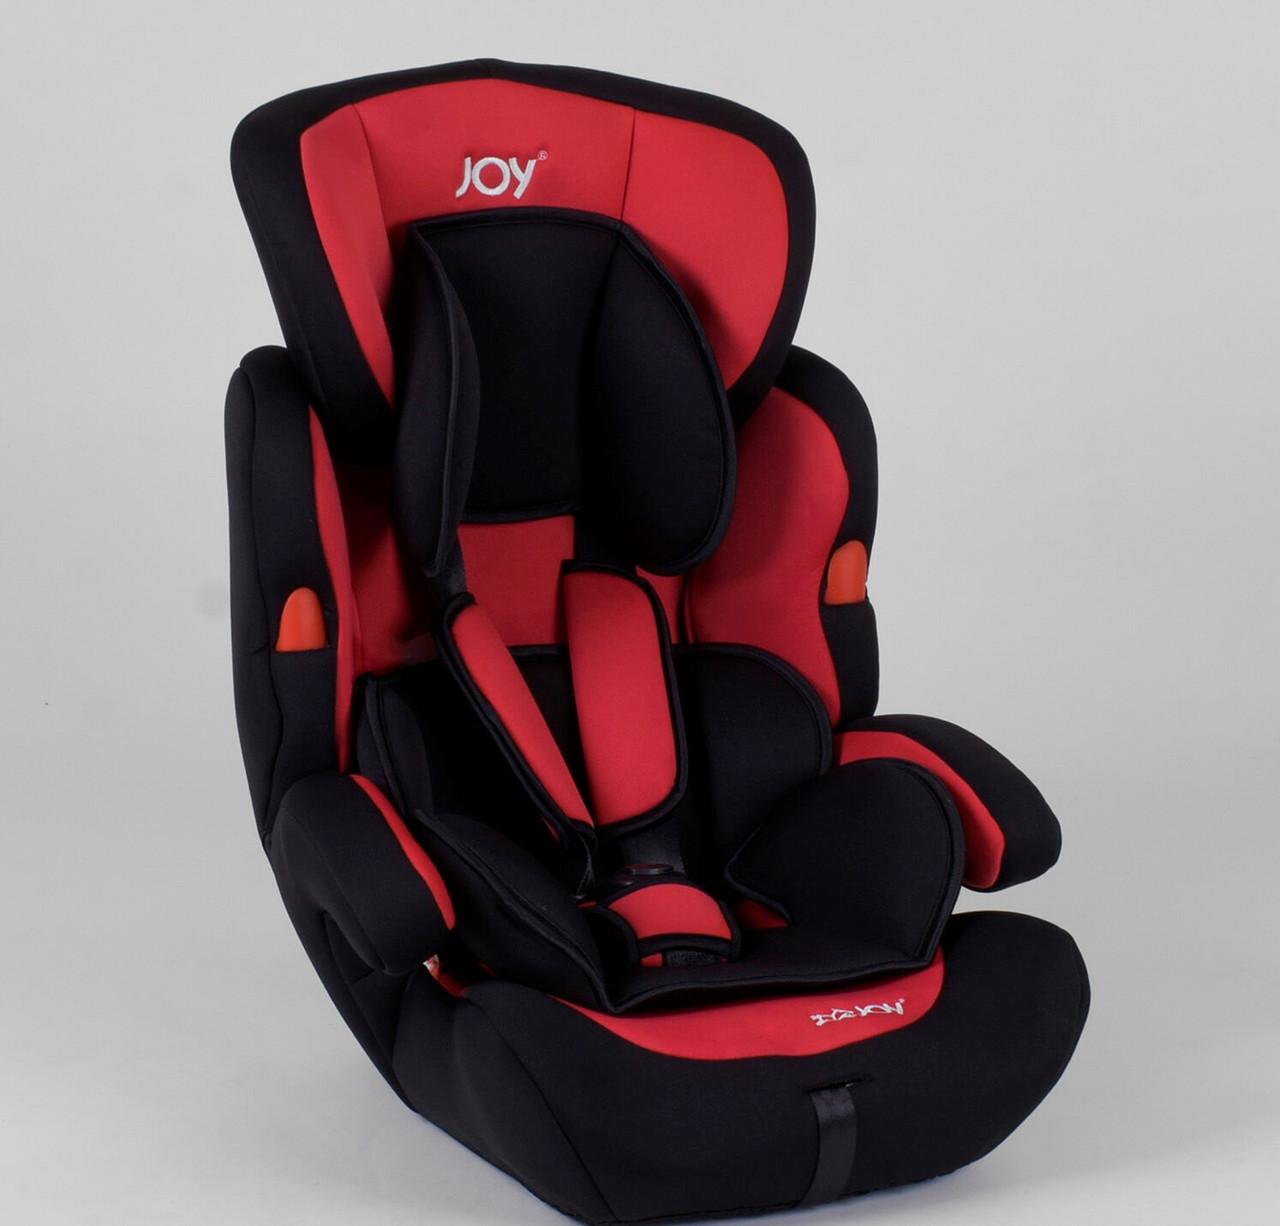 Автокресло универсальное JOY NB-7104 (4) цвет черно-красный с бустером Гарантия качества